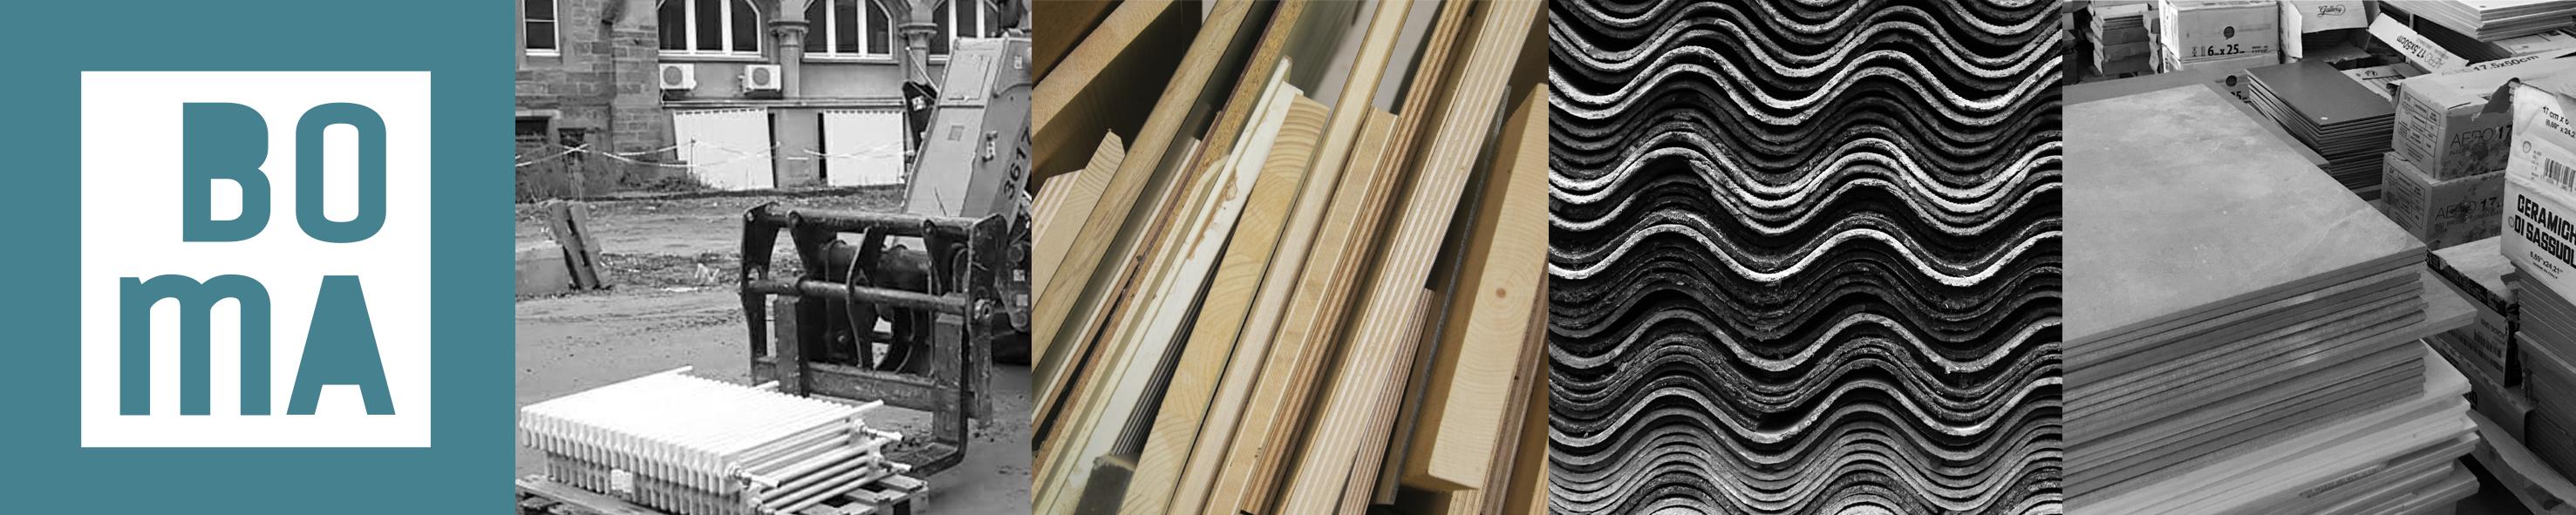 BOMA les bonnes matières collecte matériaux bâtiment réemploi